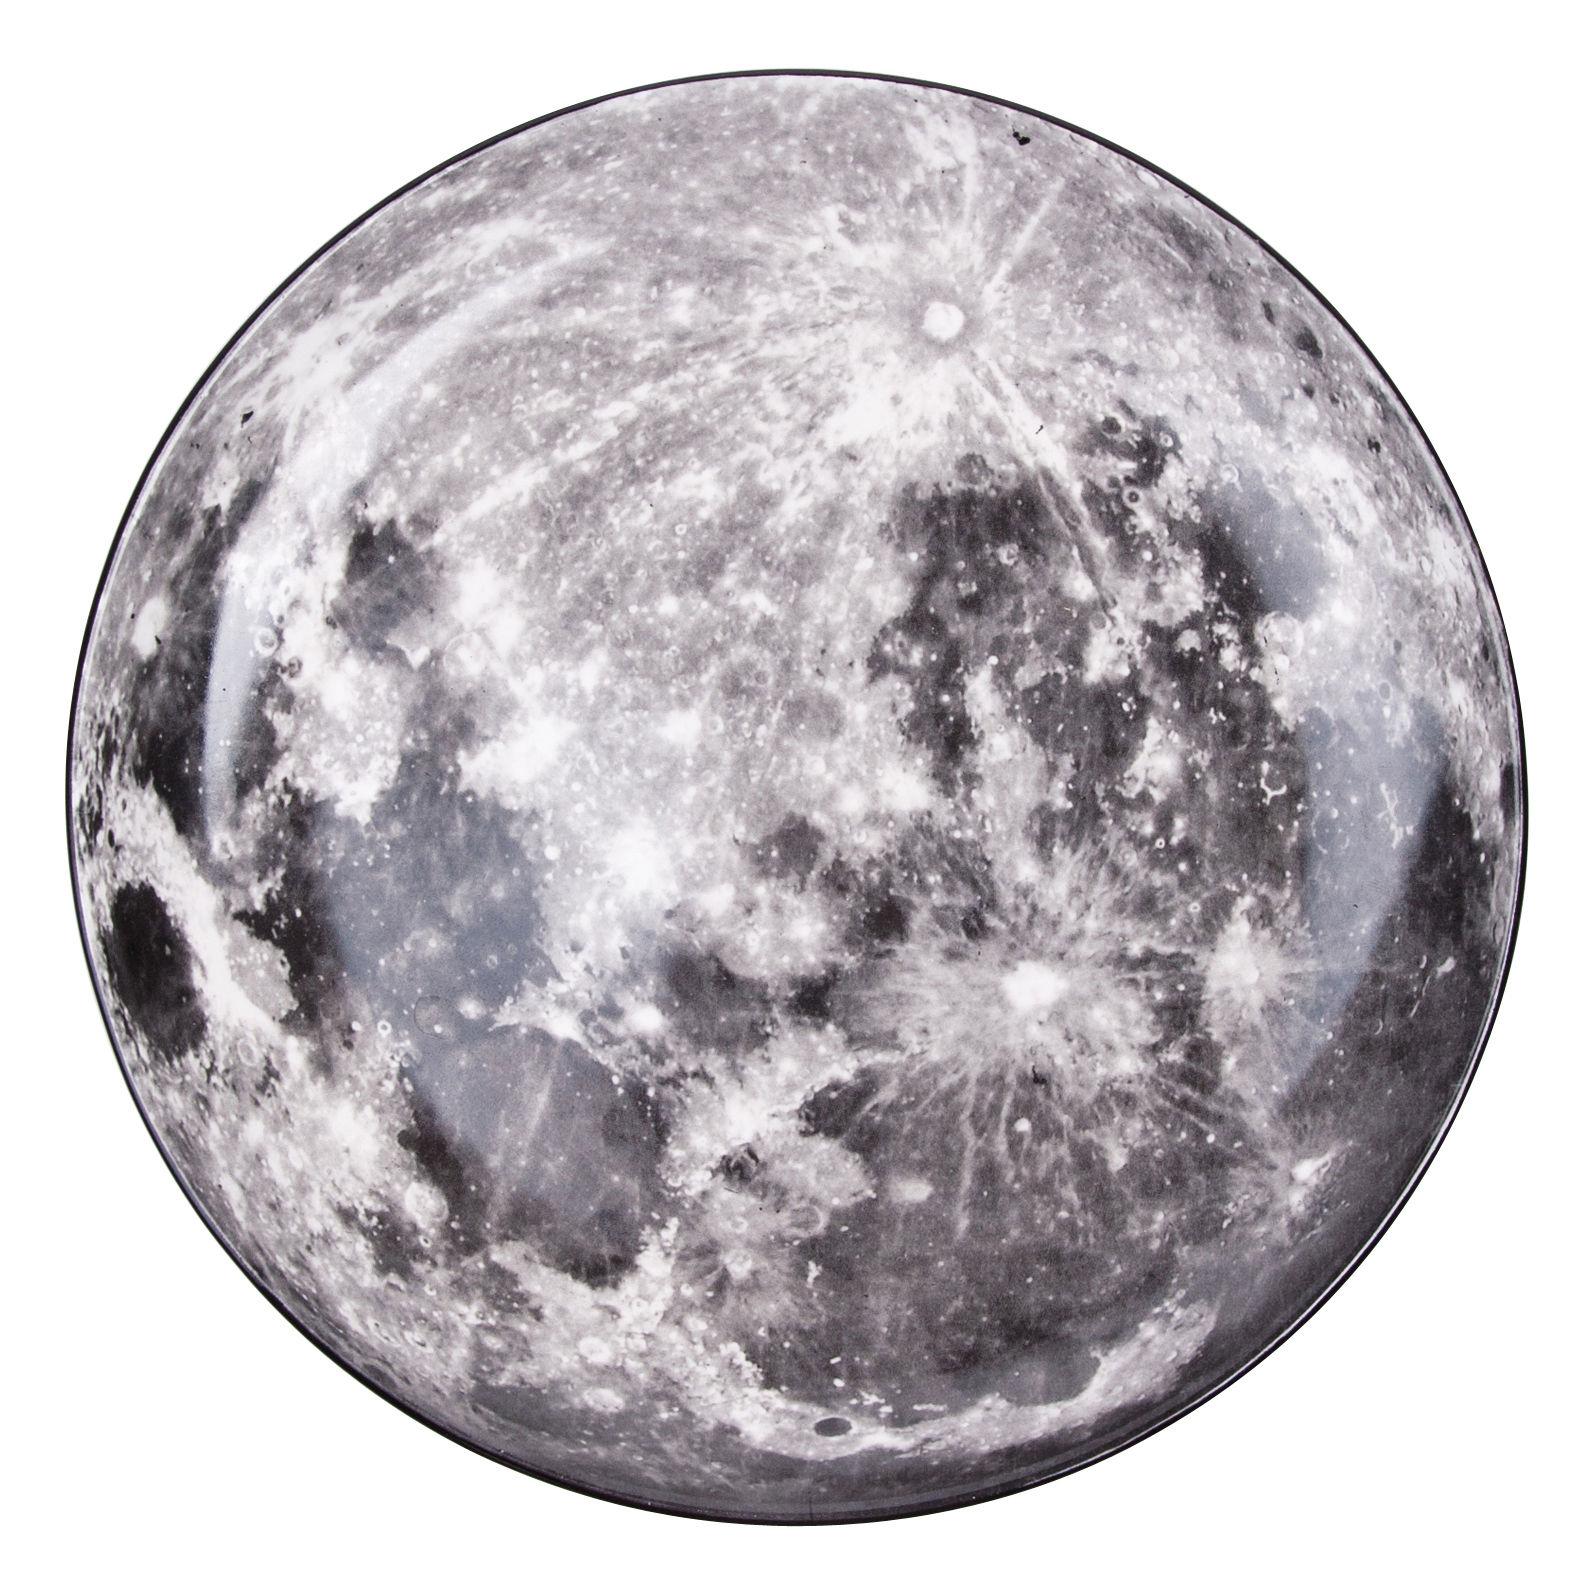 Tavola - Piatti  - Sottopiatto/vassoio Cosmic Diner - Luna / Ø 30 cm di Diesel living with Seletti - Luna - Porcellana